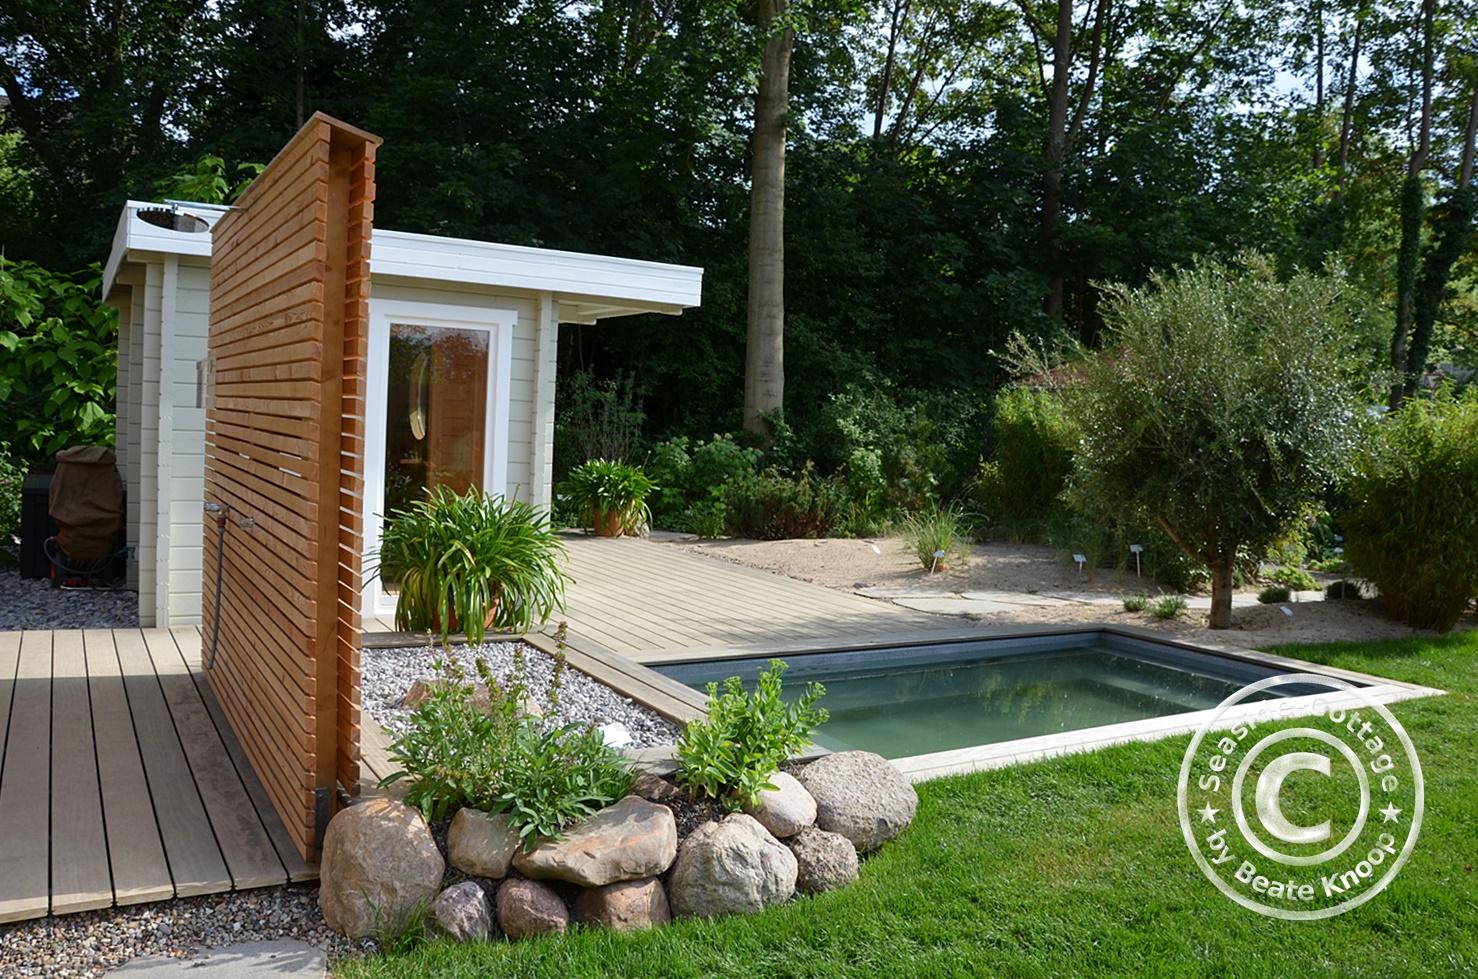 Outdoorküche Garten Yoga : Seaside cottage: landesgartenschau in eutin schaugärten teil 2